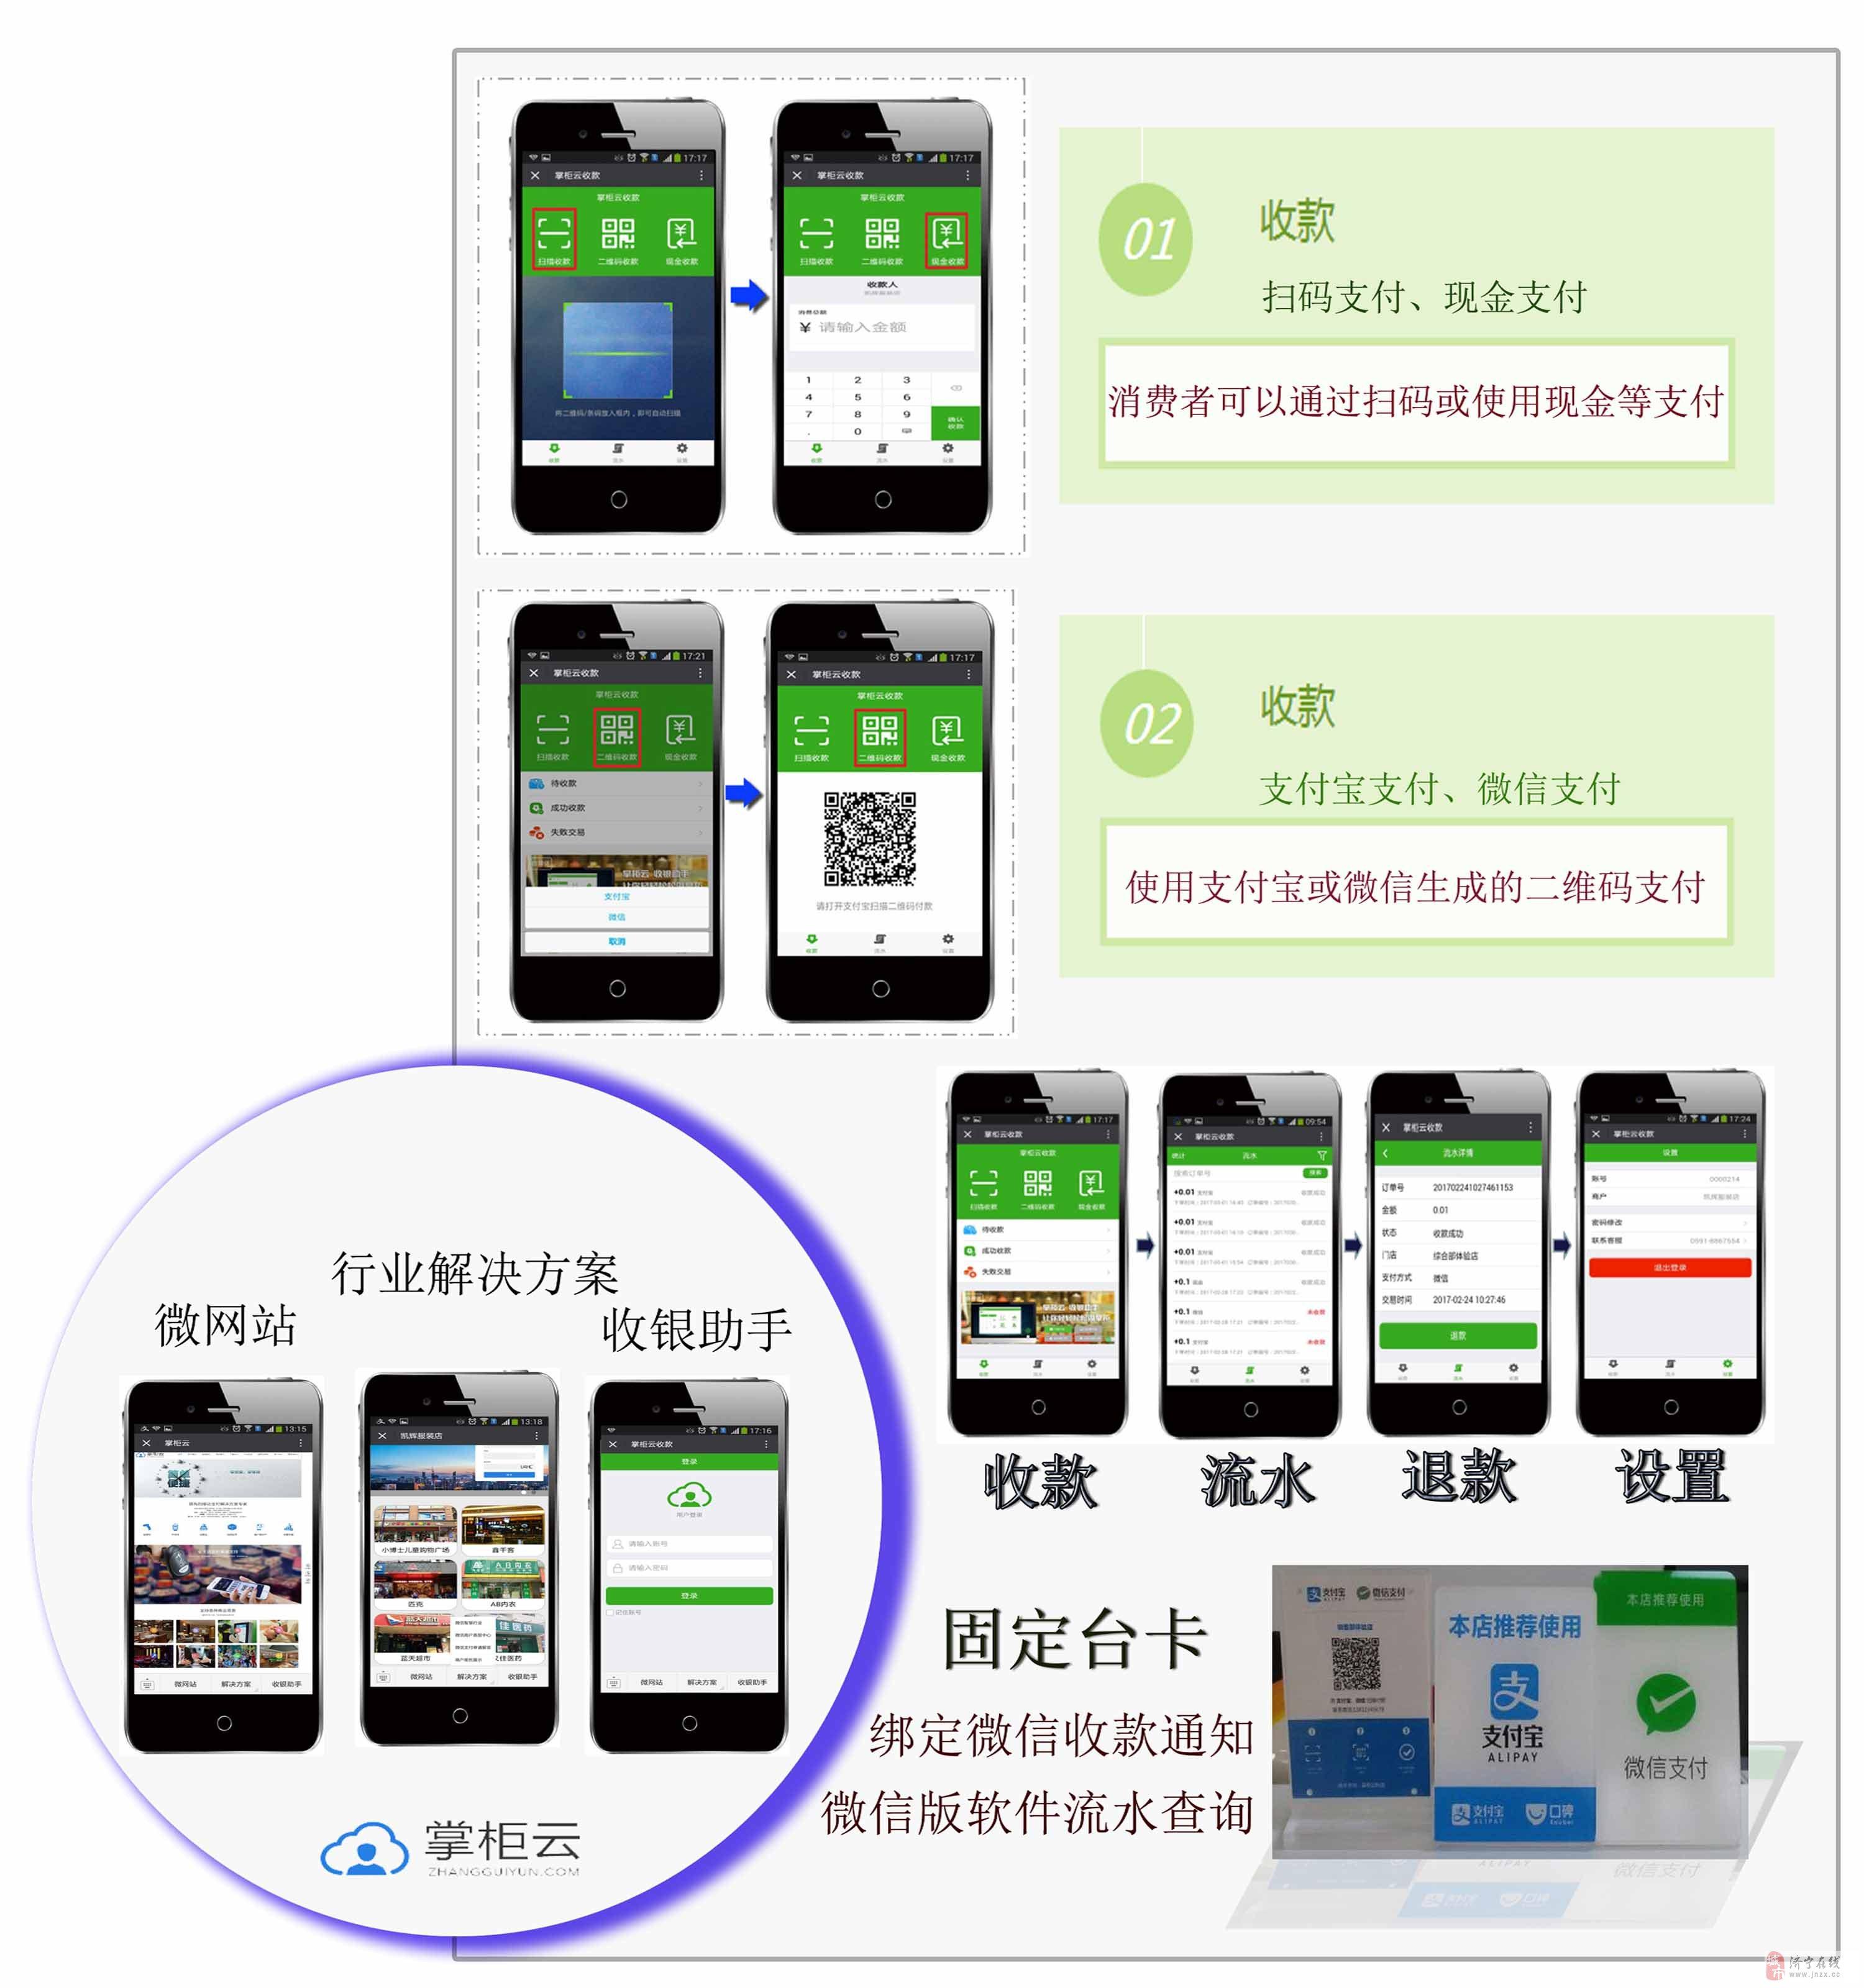 手机扫码支付安全吗?微信和支付宝支付代理盈利点有哪些?